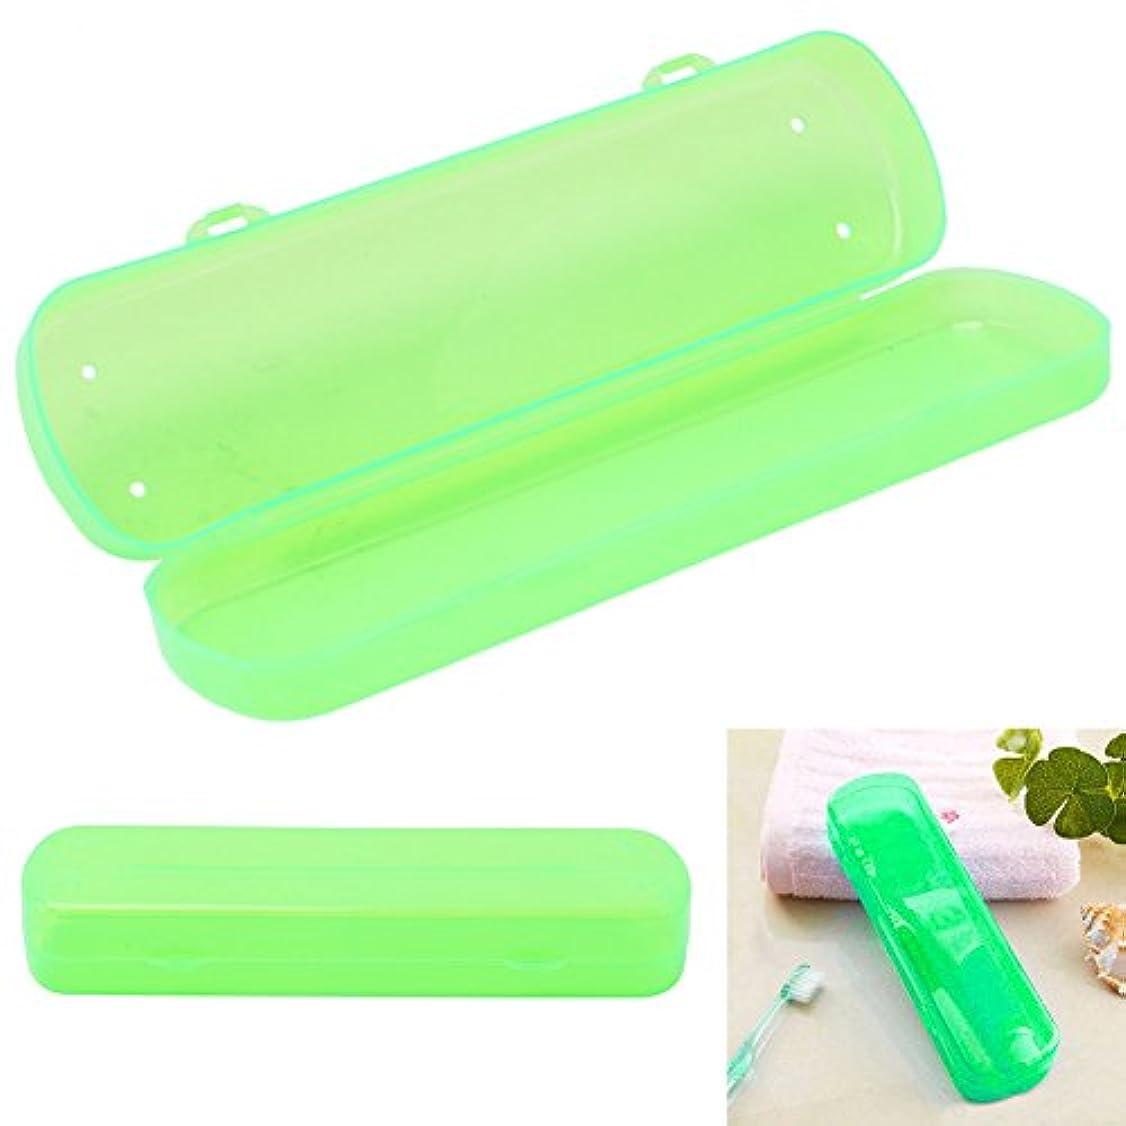 報酬銛意志Merssavo プラスチック製歯ブラシケース/旅行用ホルダー(グリーン)